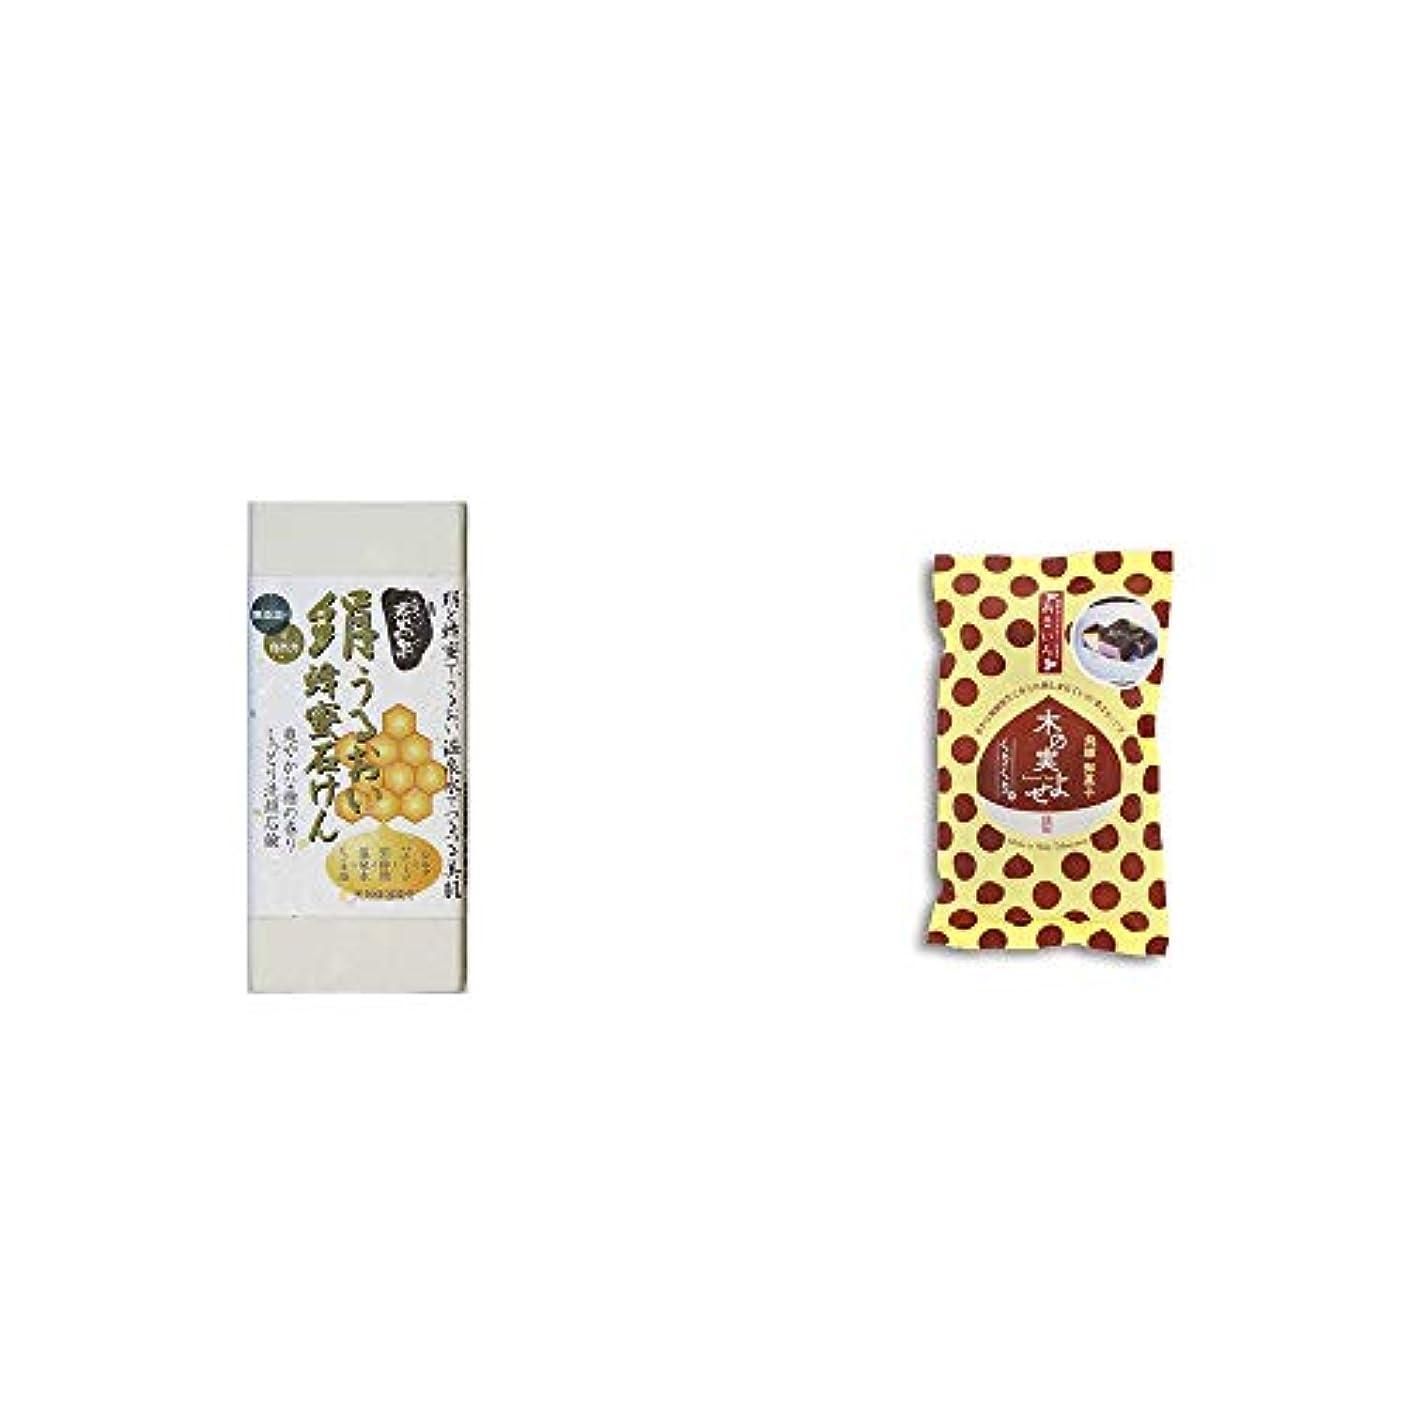 レンジ残基深める[2点セット] ひのき炭黒泉 絹うるおい蜂蜜石けん(75g×2)?木の実よせ くりくり味(5個入)